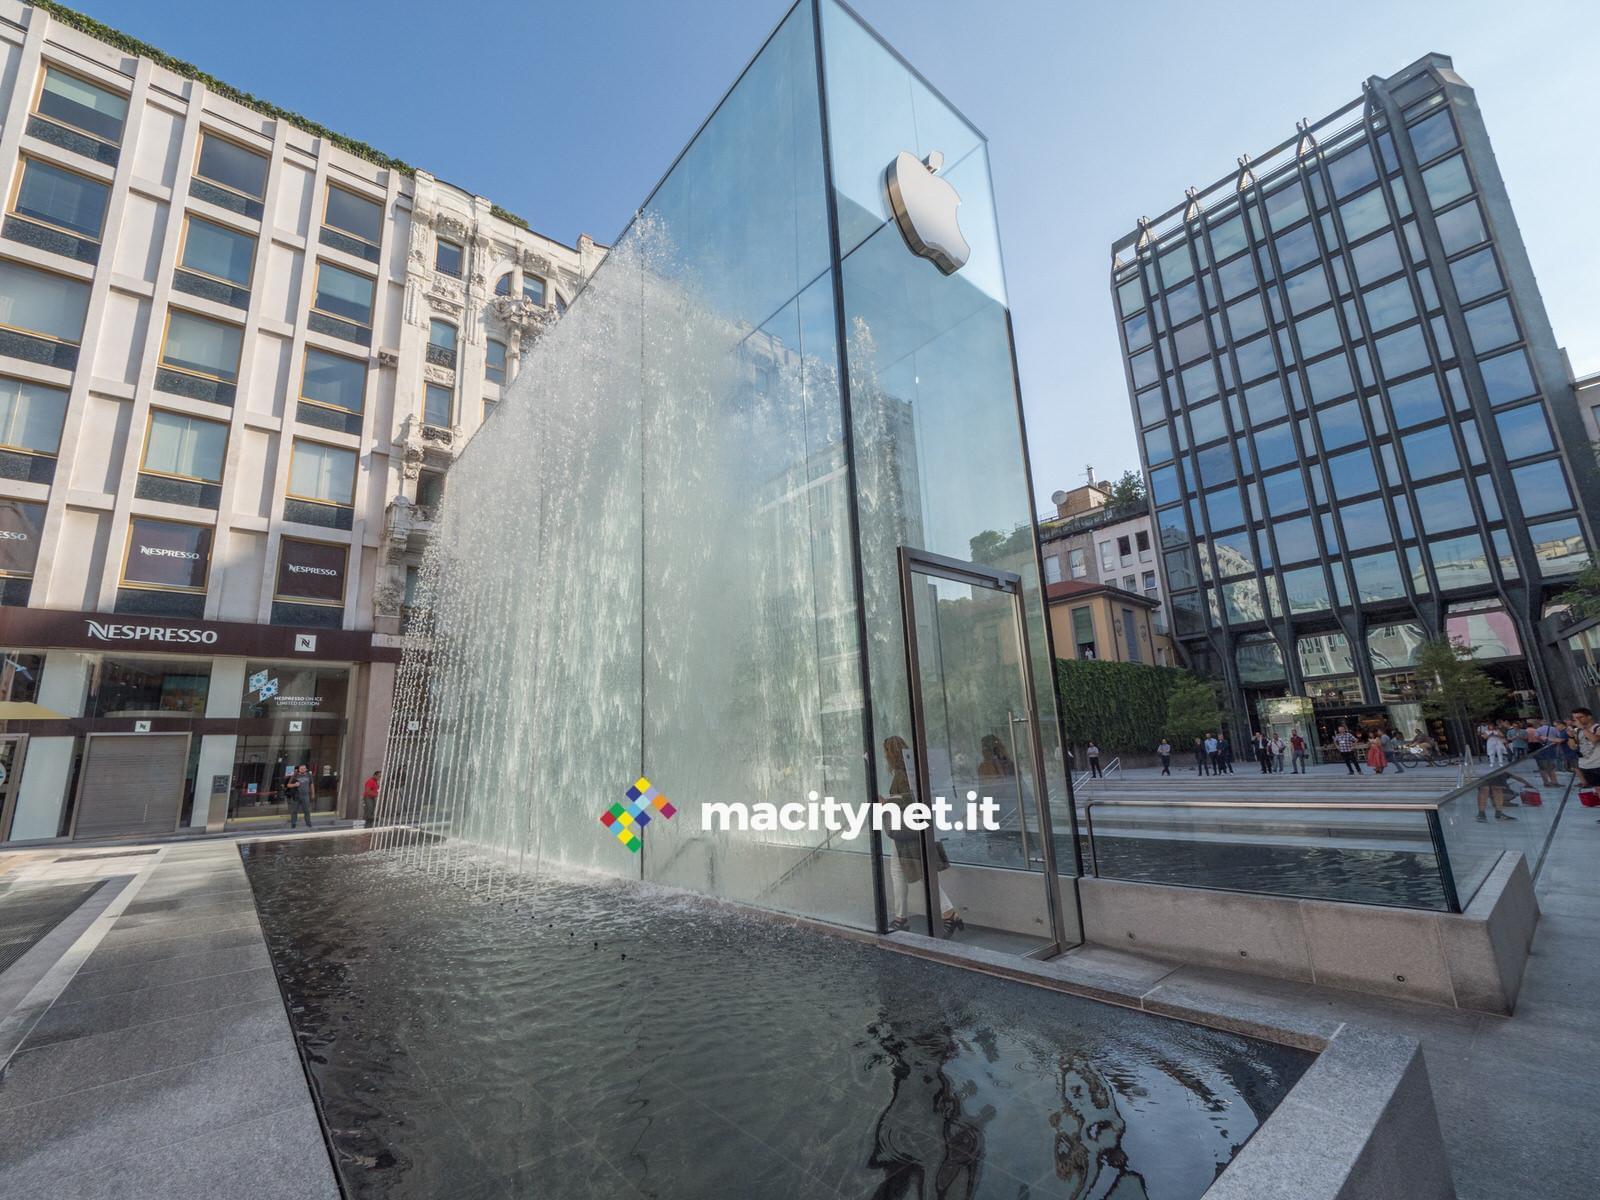 Apple Store Milano Piazza Liberty  bellissimo ecco le